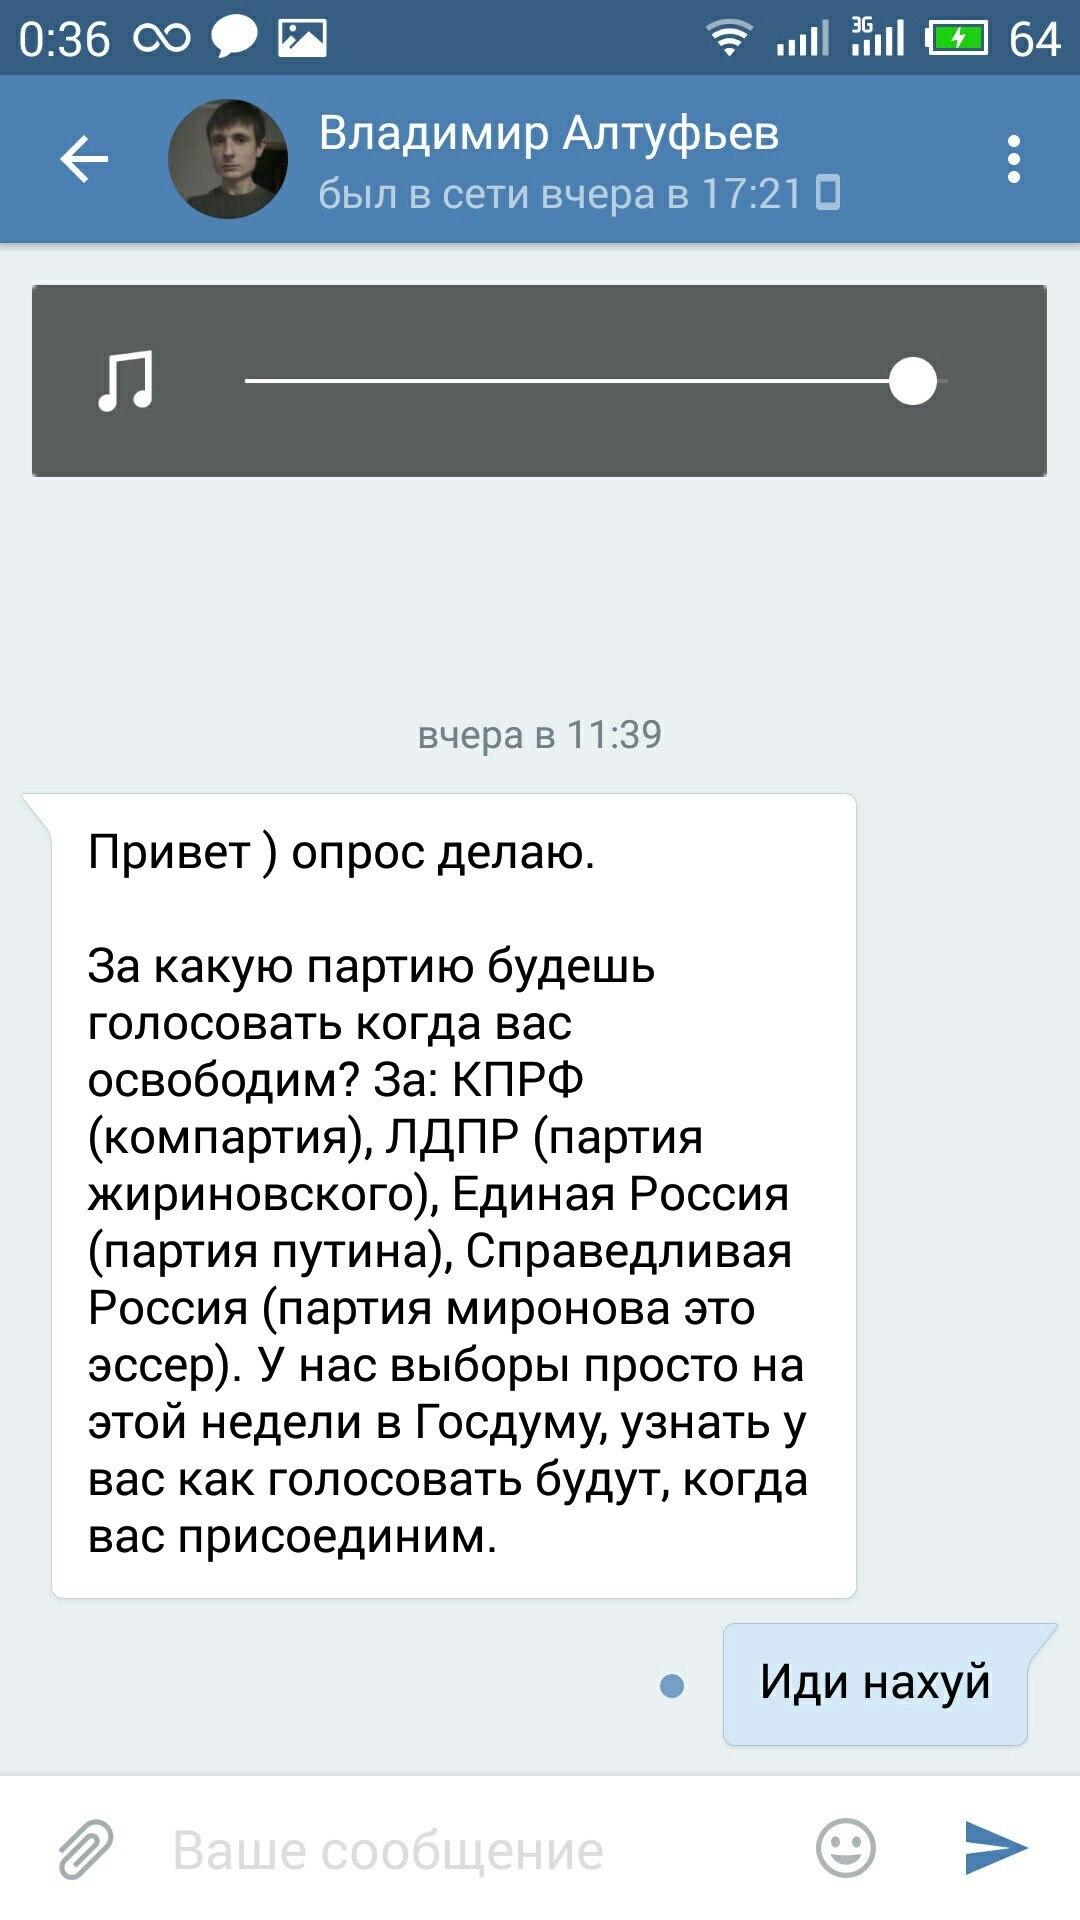 Путин визитом в оккупированный Крым пытается поднять там явку избирателей, - Чубаров - Цензор.НЕТ 8995